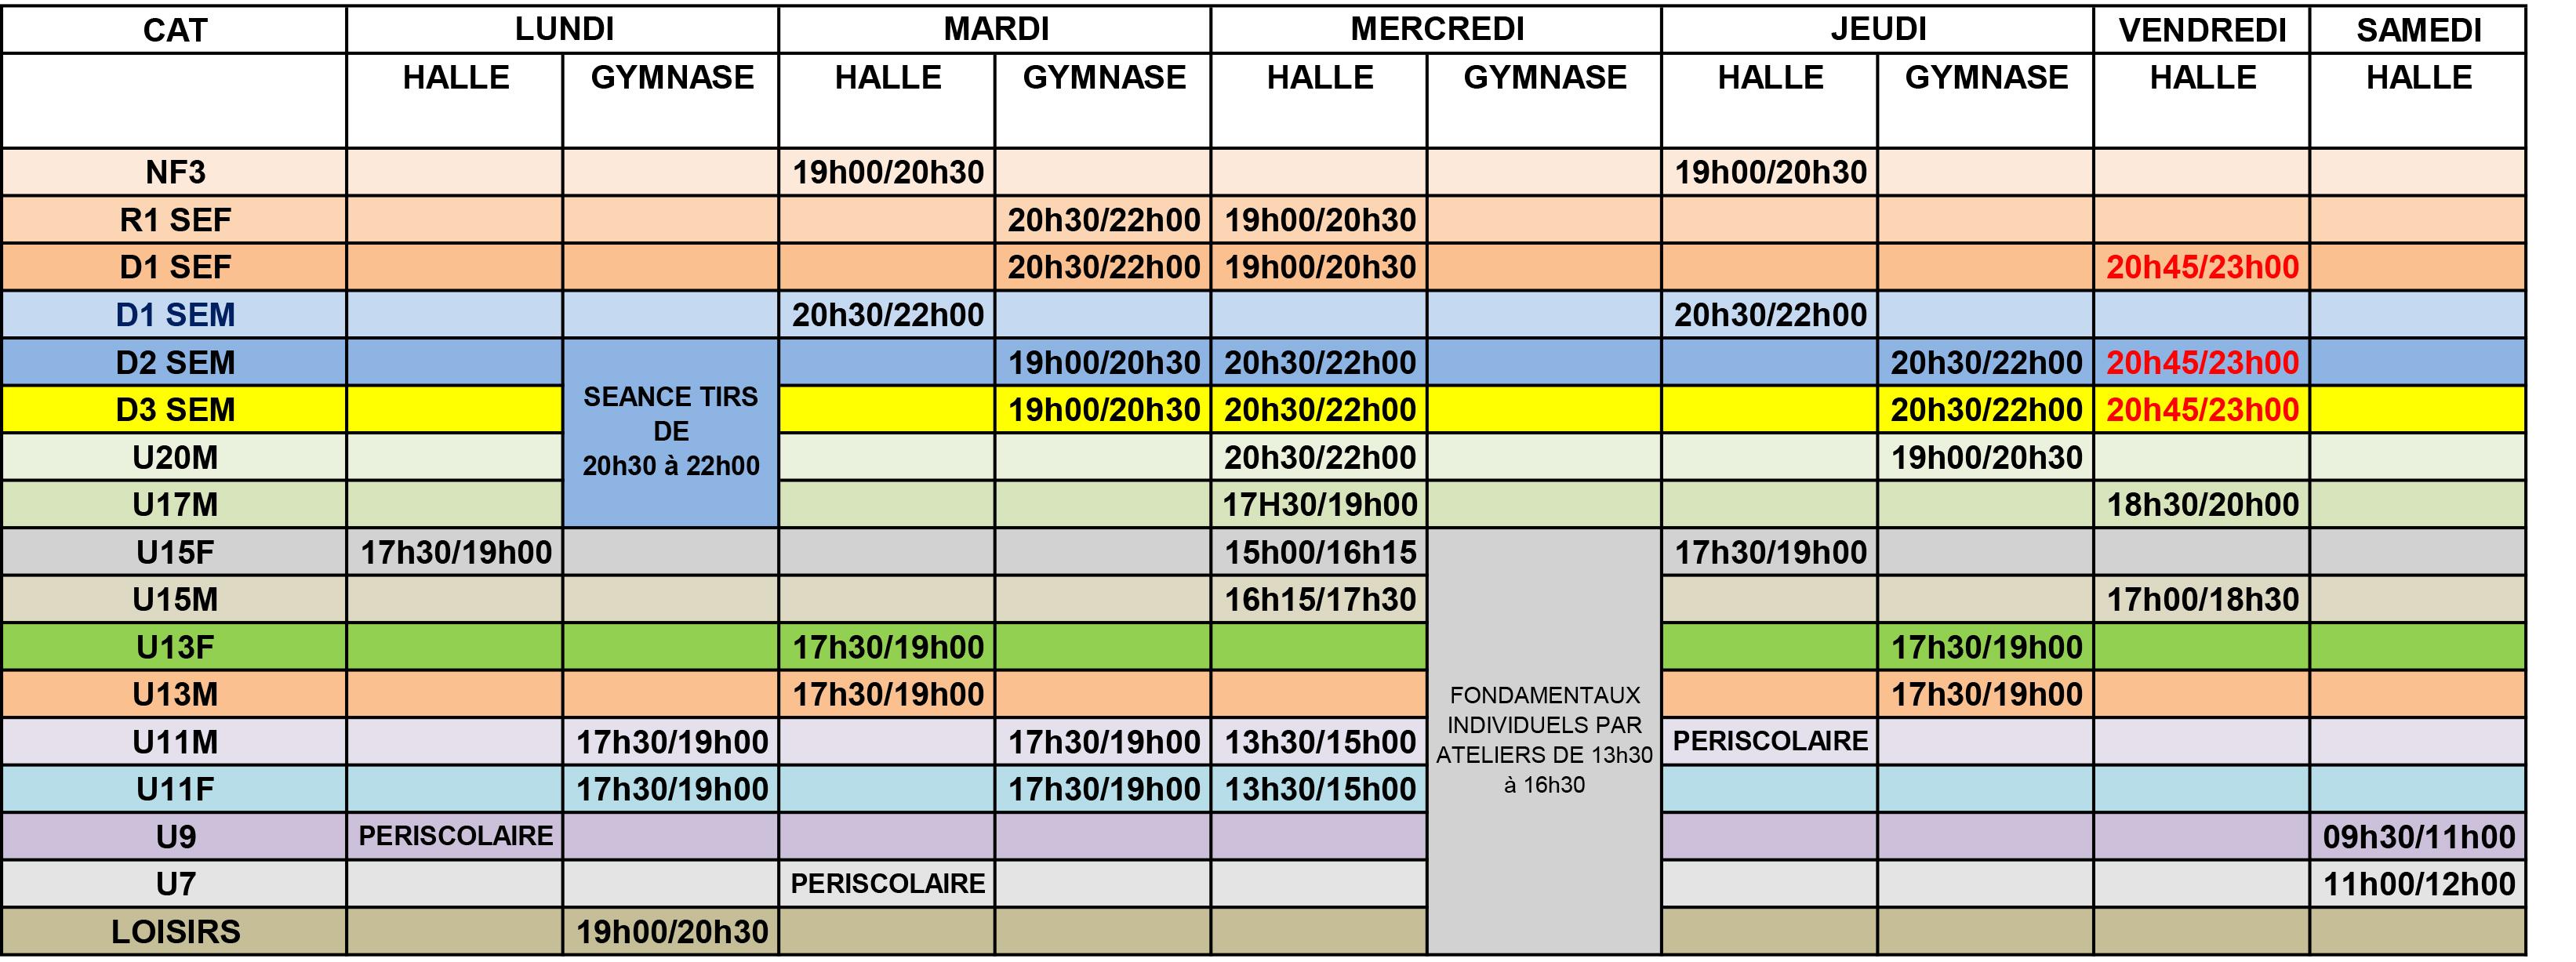 Planning Salle 2016-2017